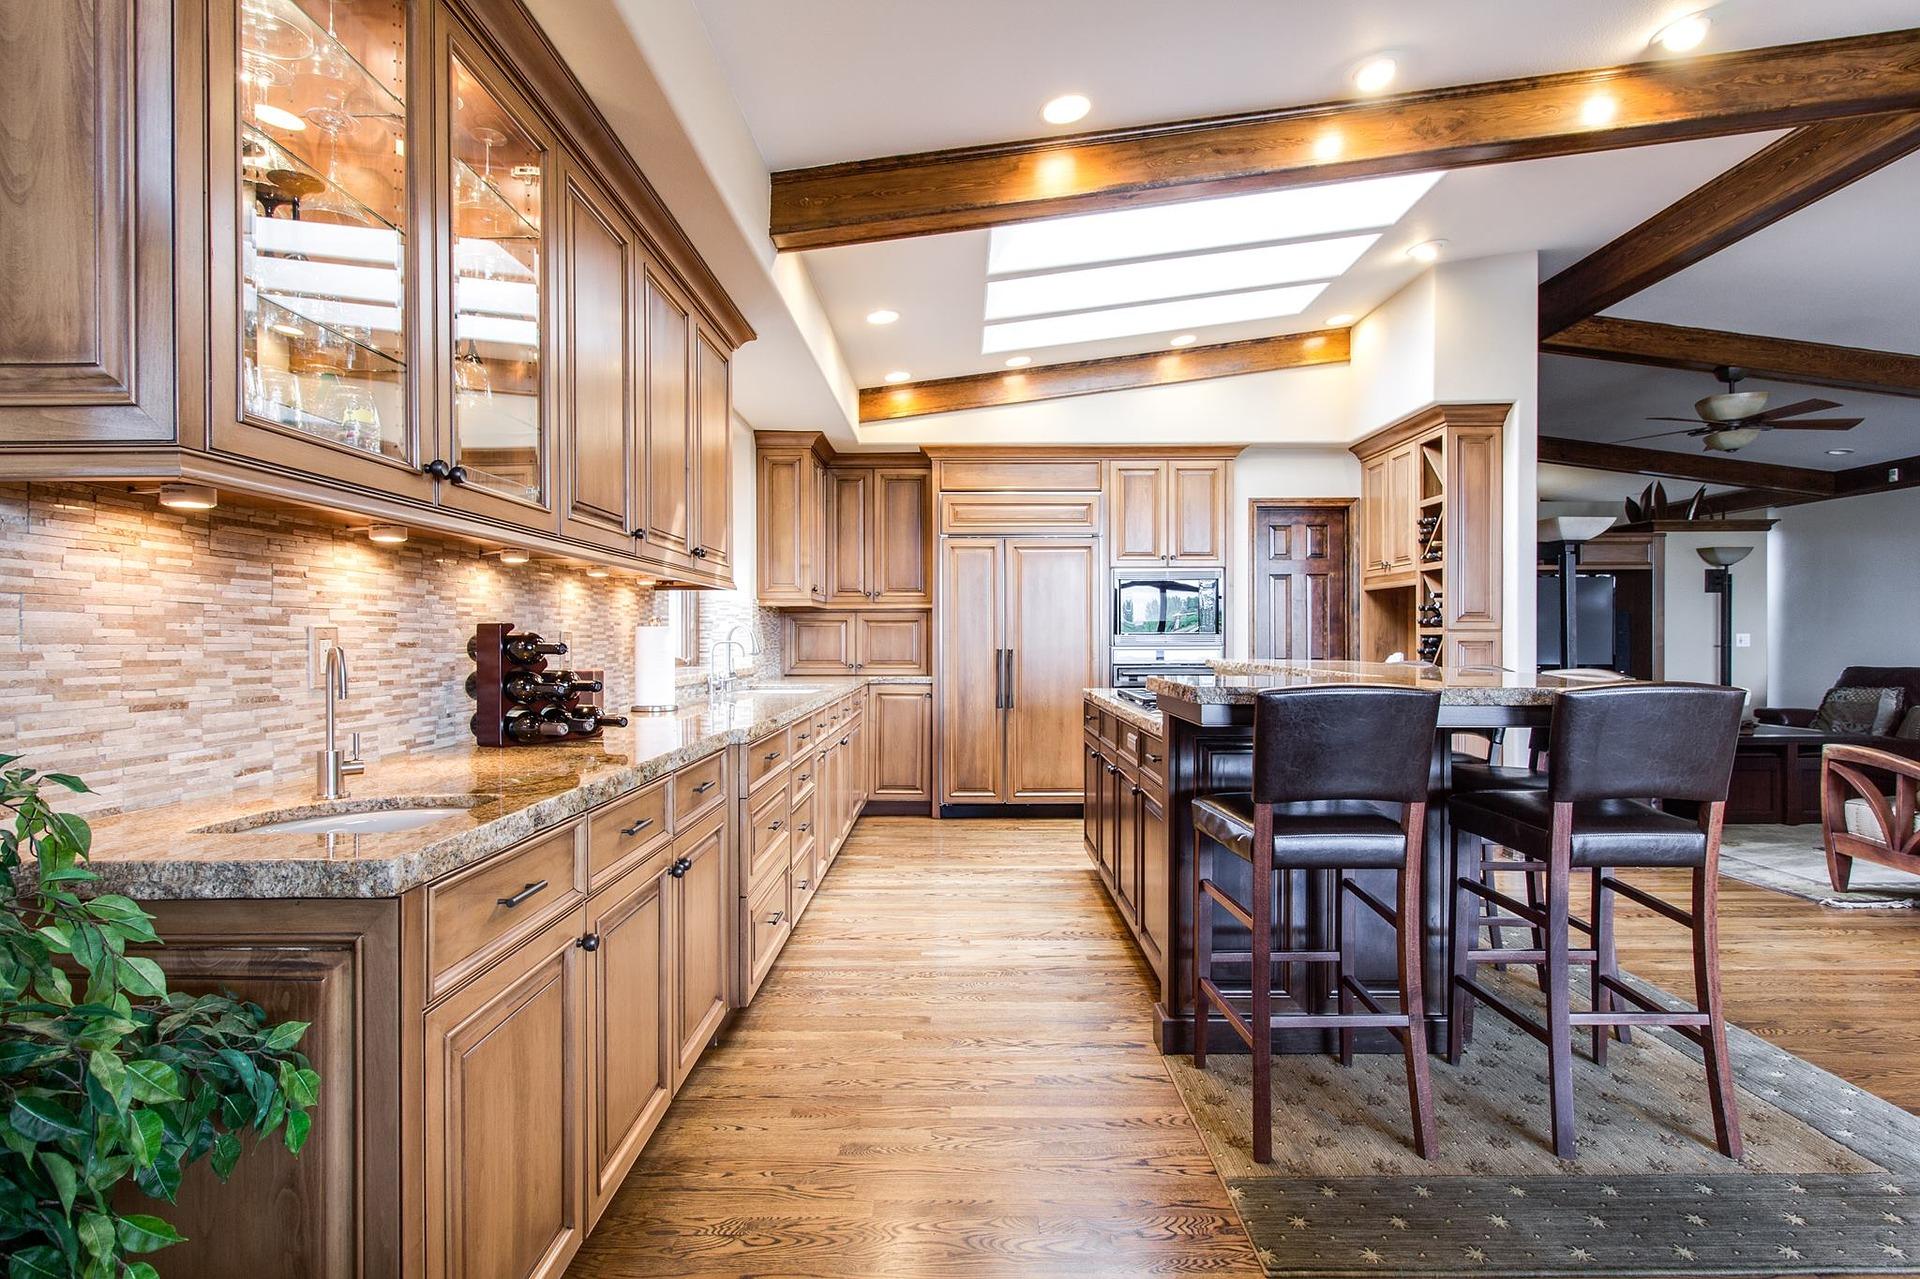 Renueva tus muebles de madera y tendrás una nueva cocina - Ddk Interiores